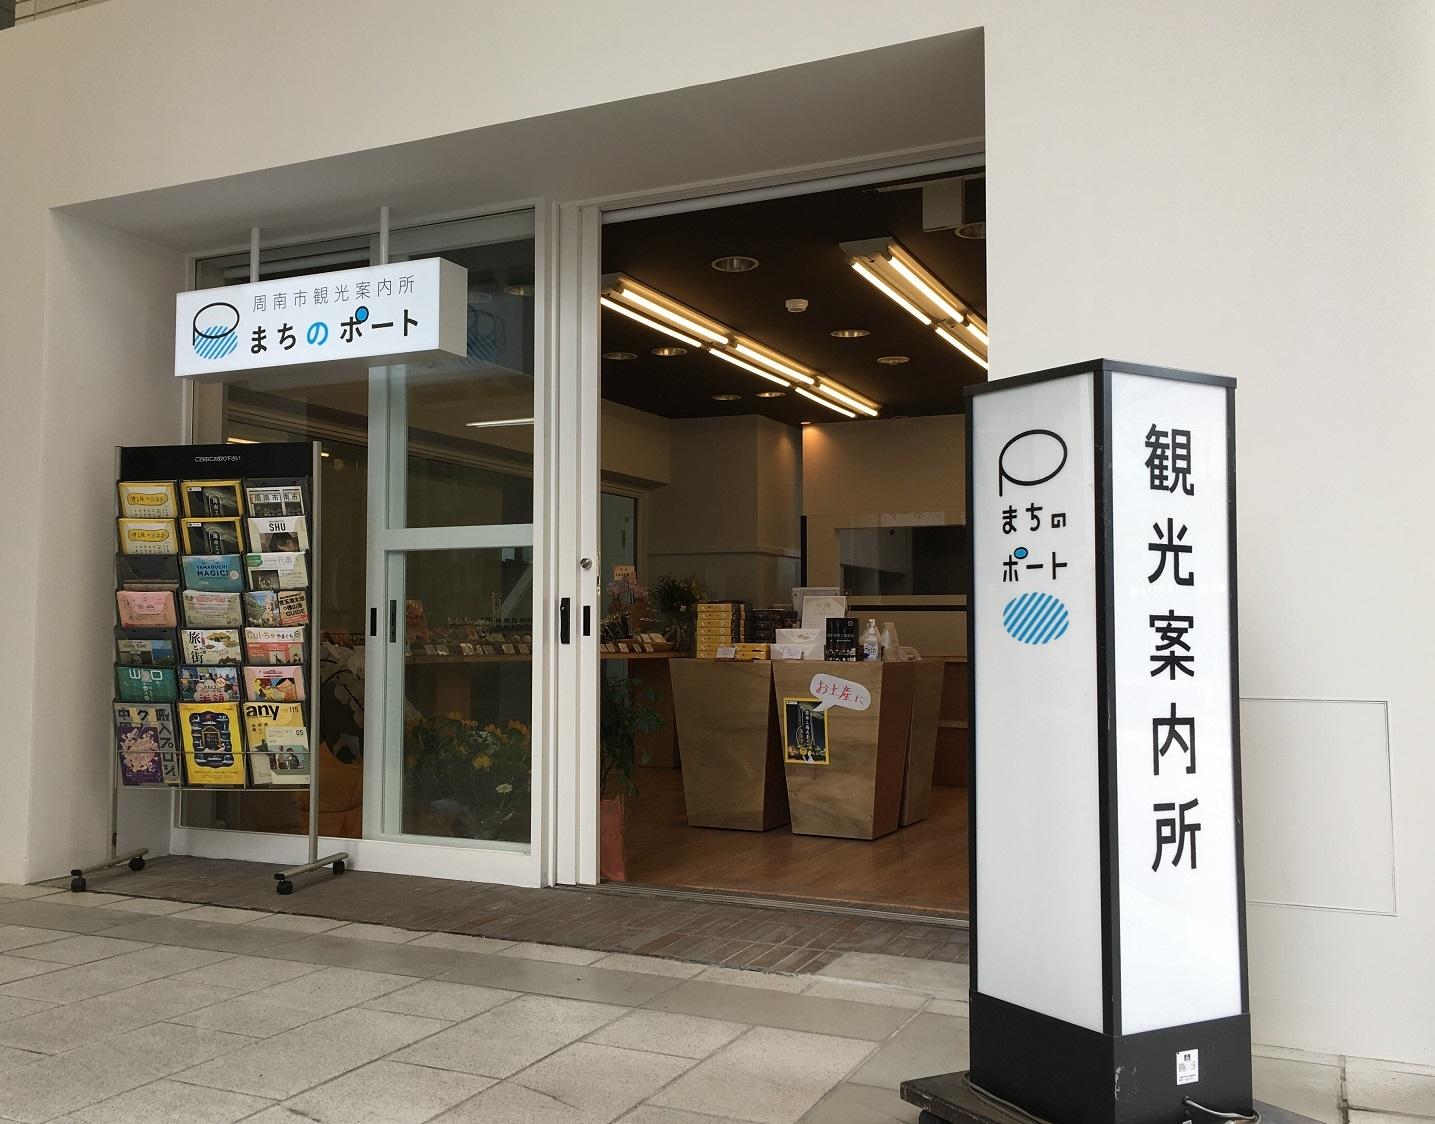 1. Machi-no-Port (Shunan Tourist Information Center)